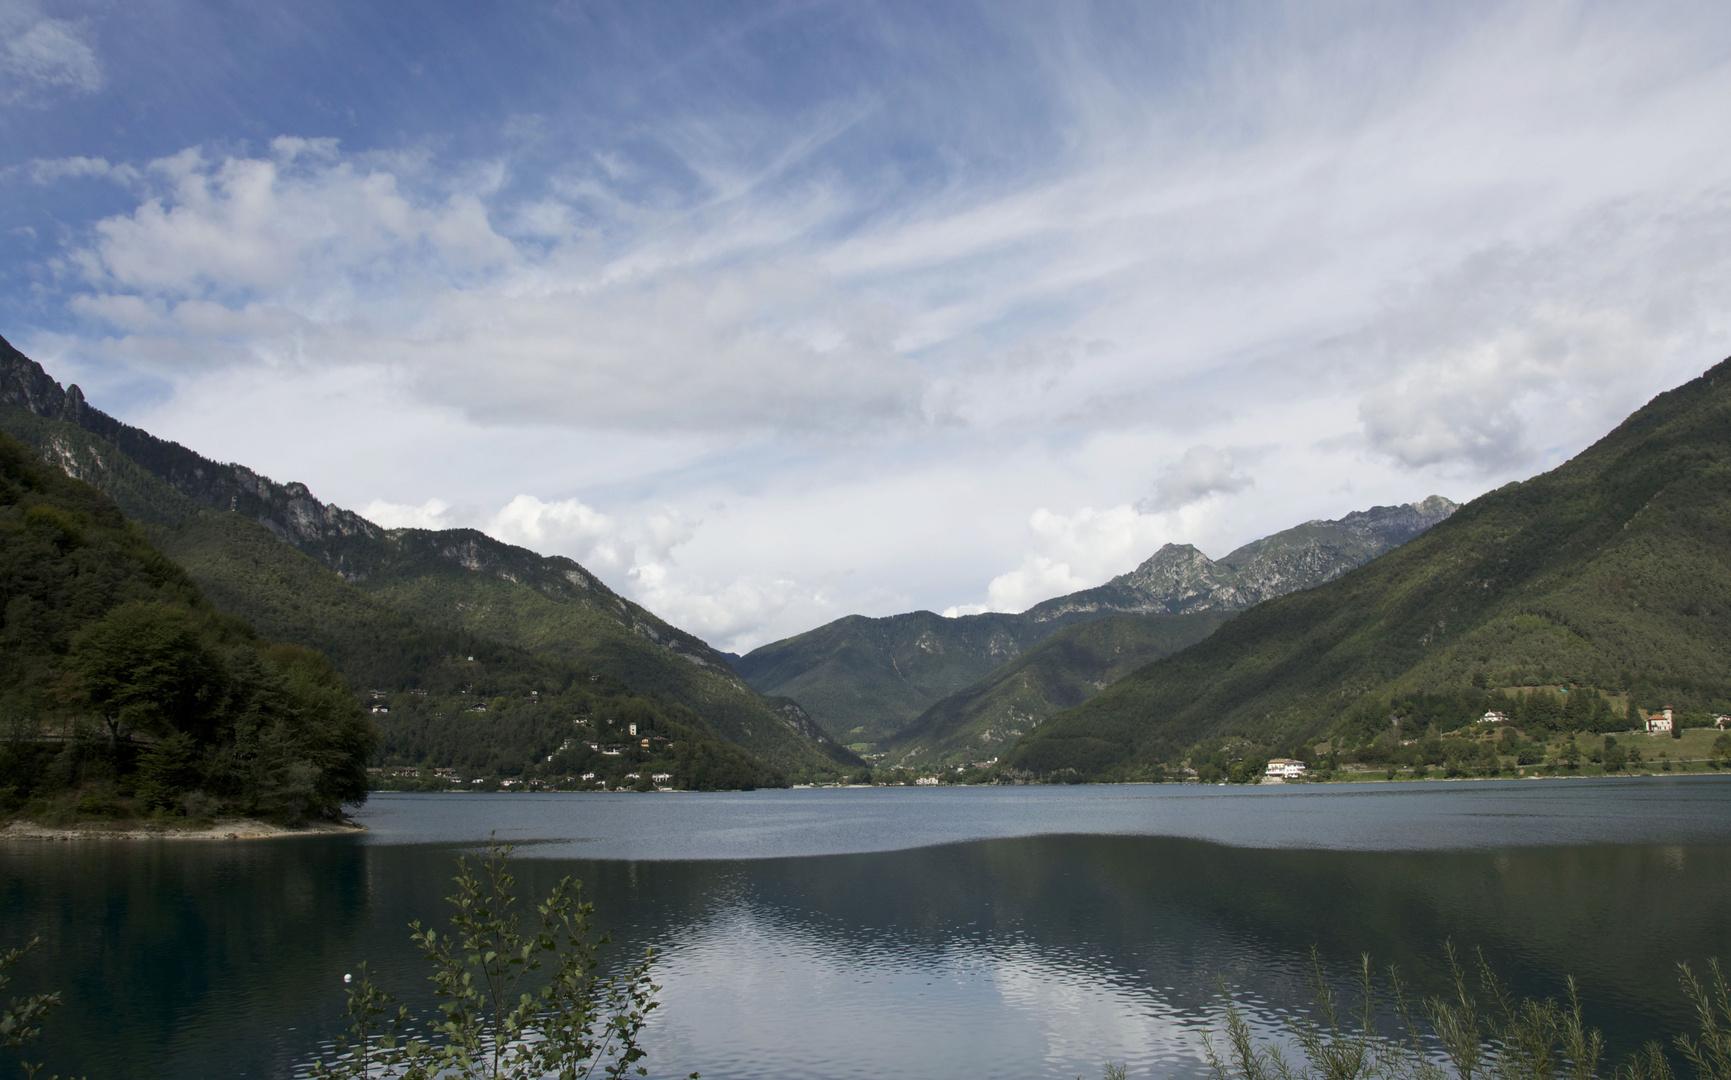 Bergsee in Molina Valle di Ledro in Italien